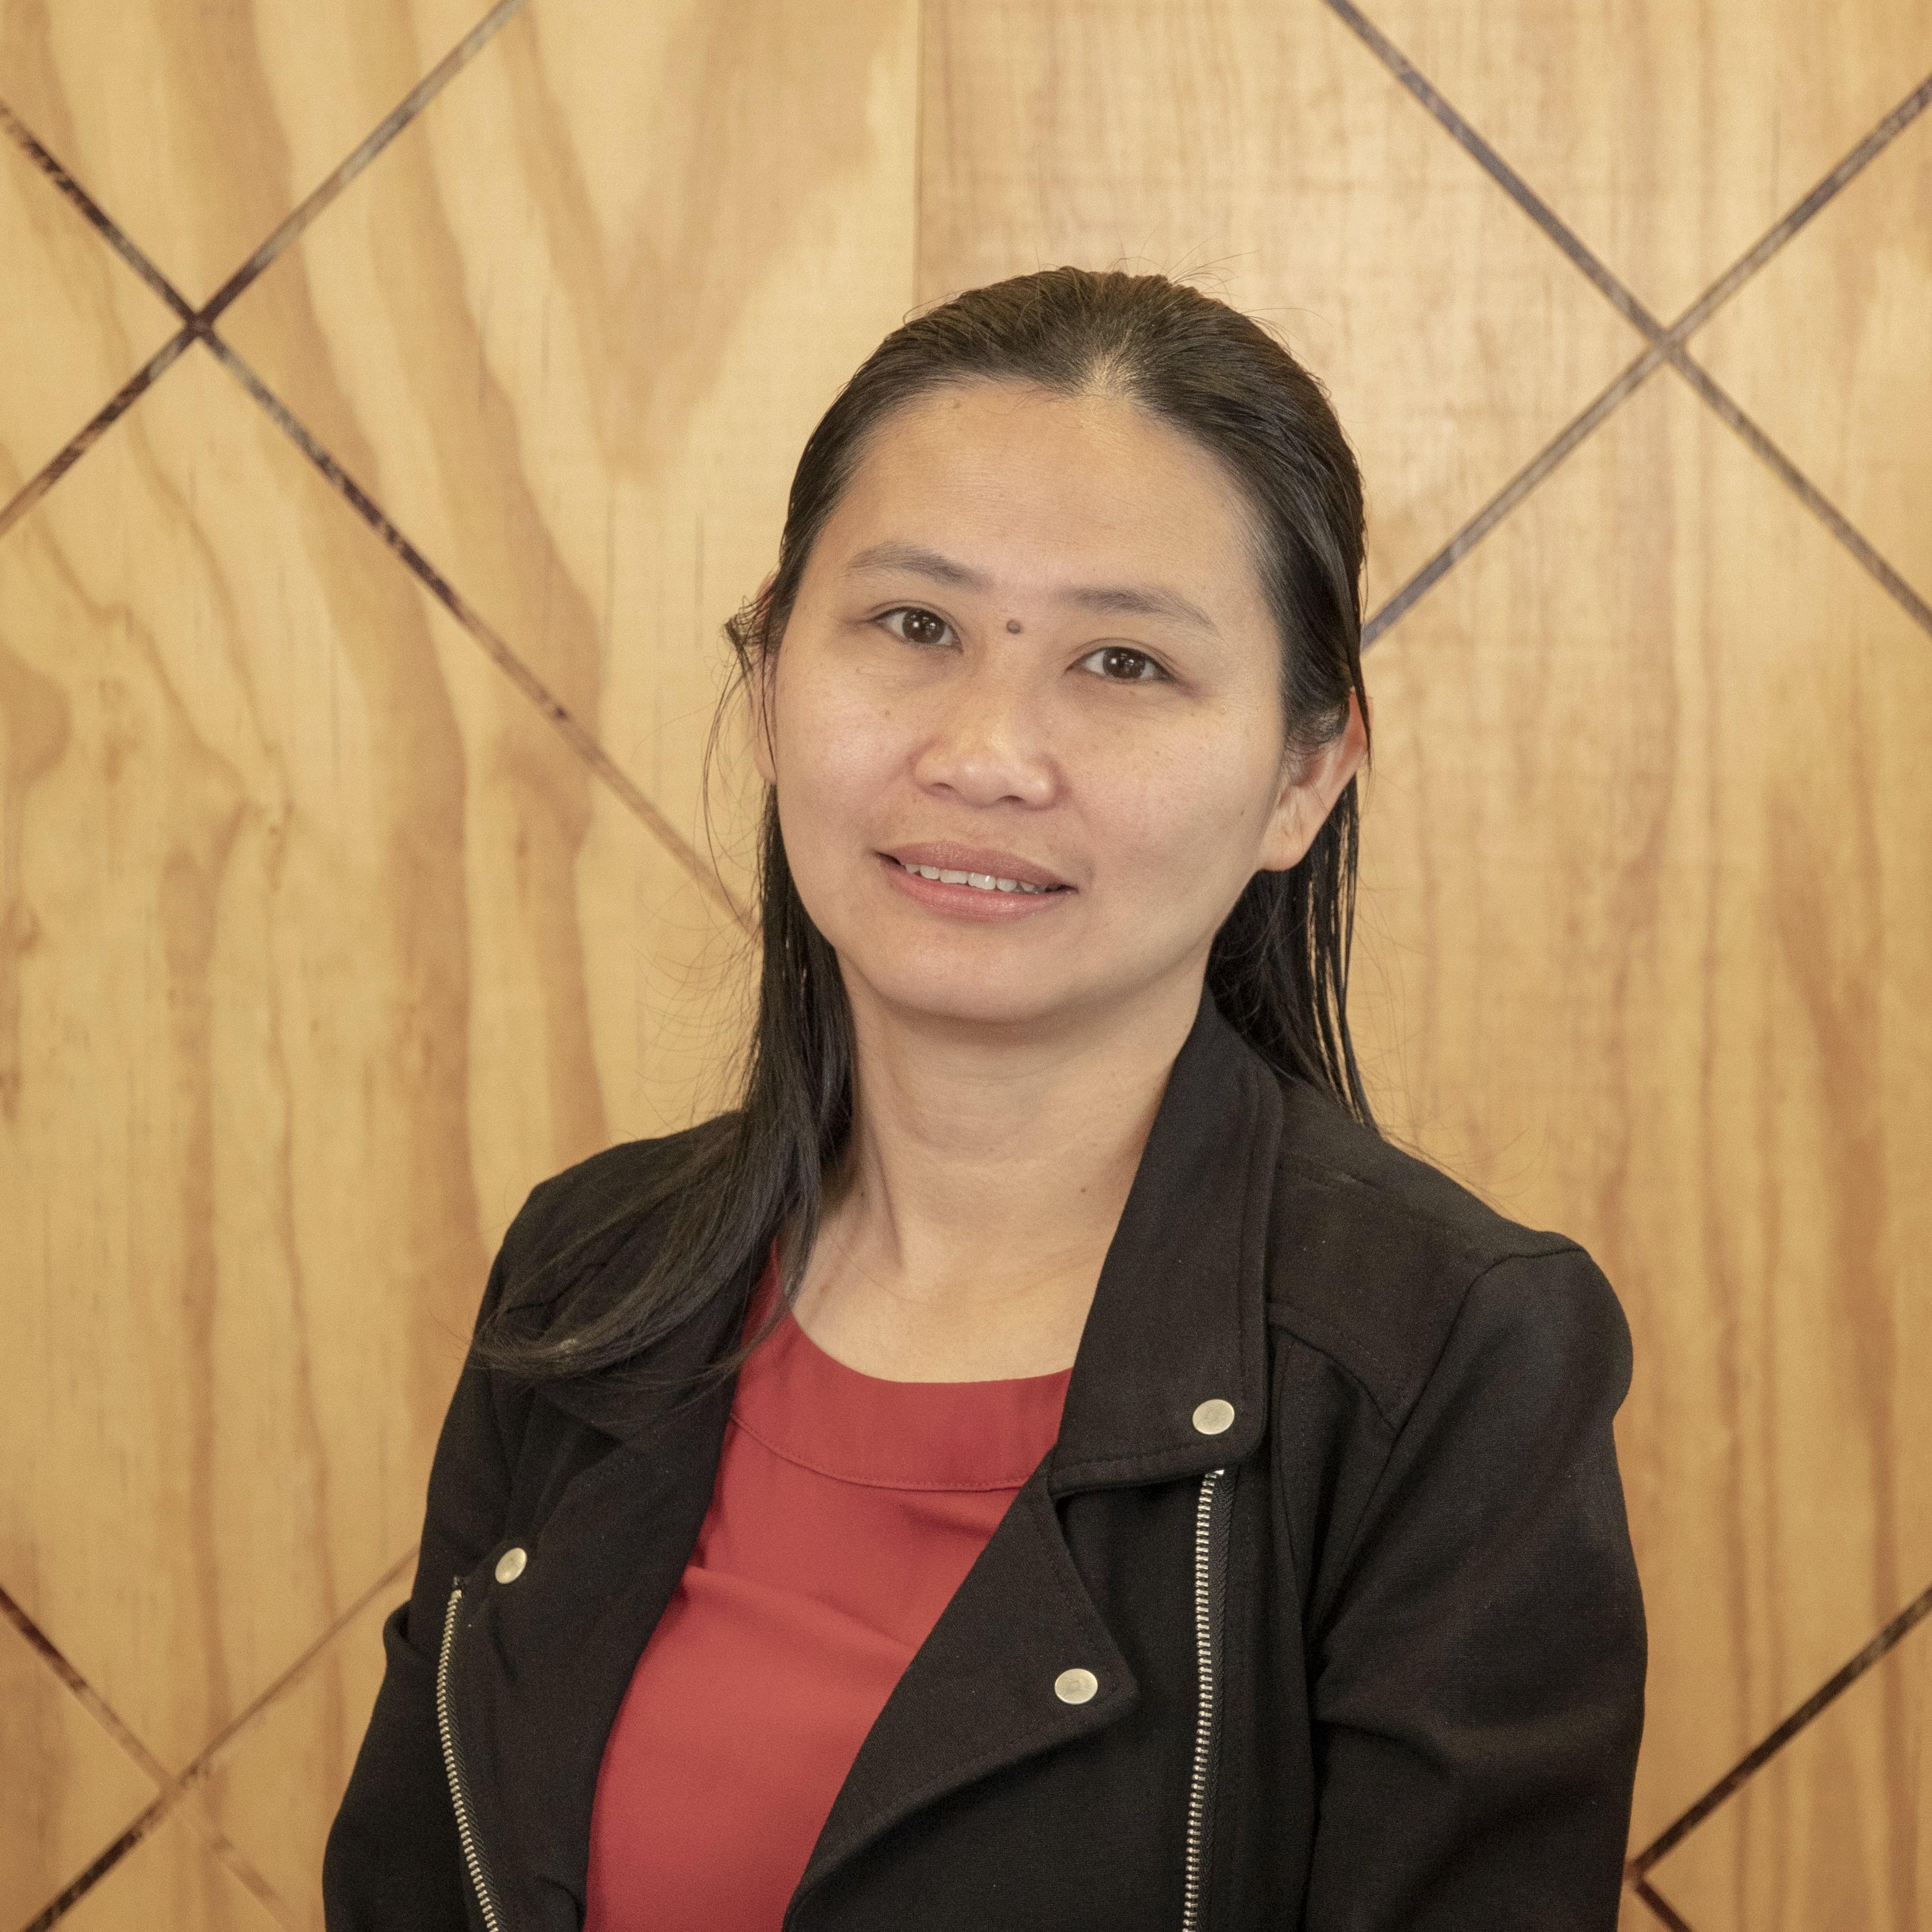 Janet Irasga